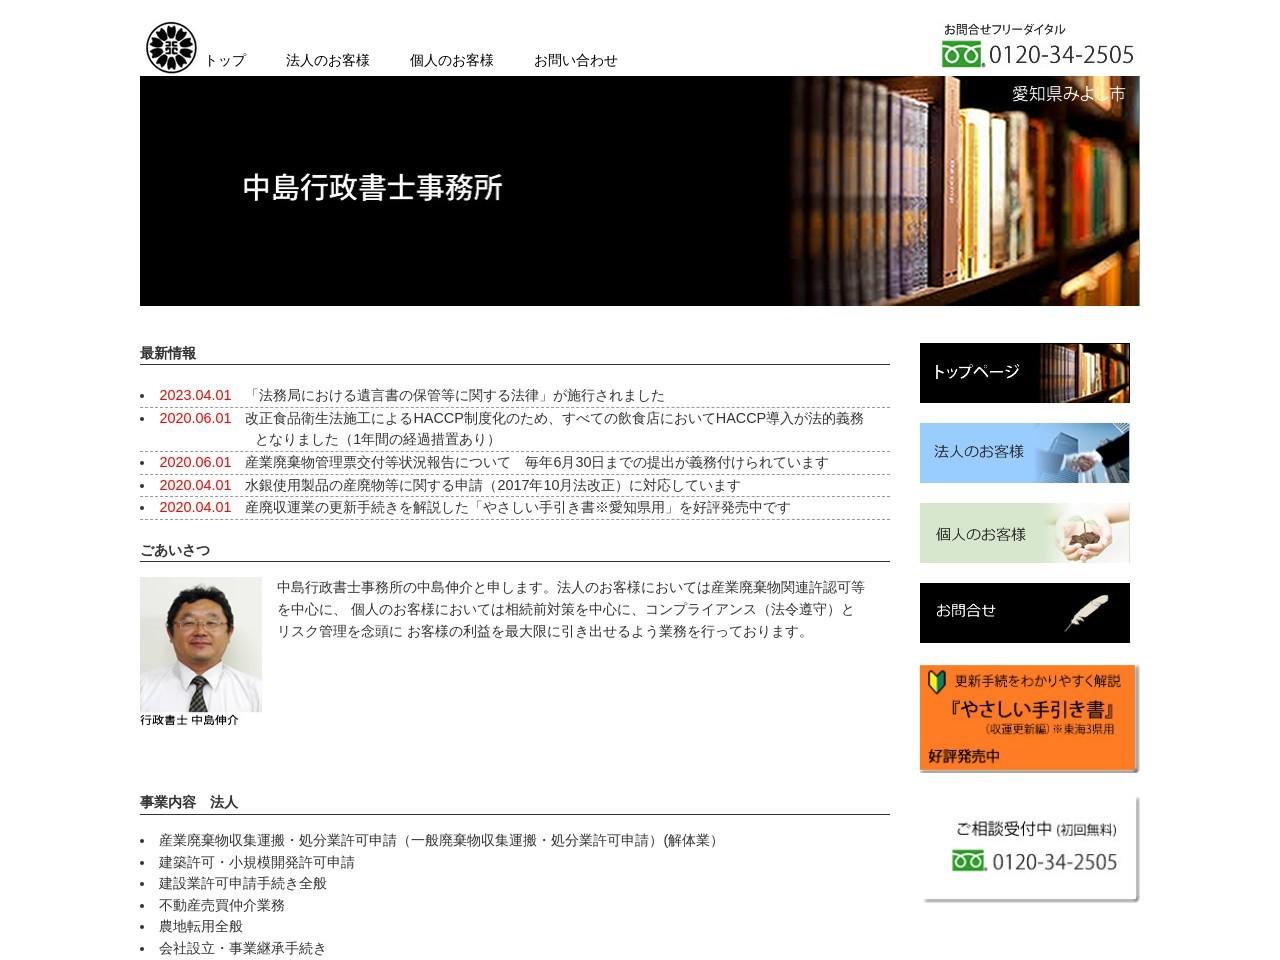 中島行政書士事務所